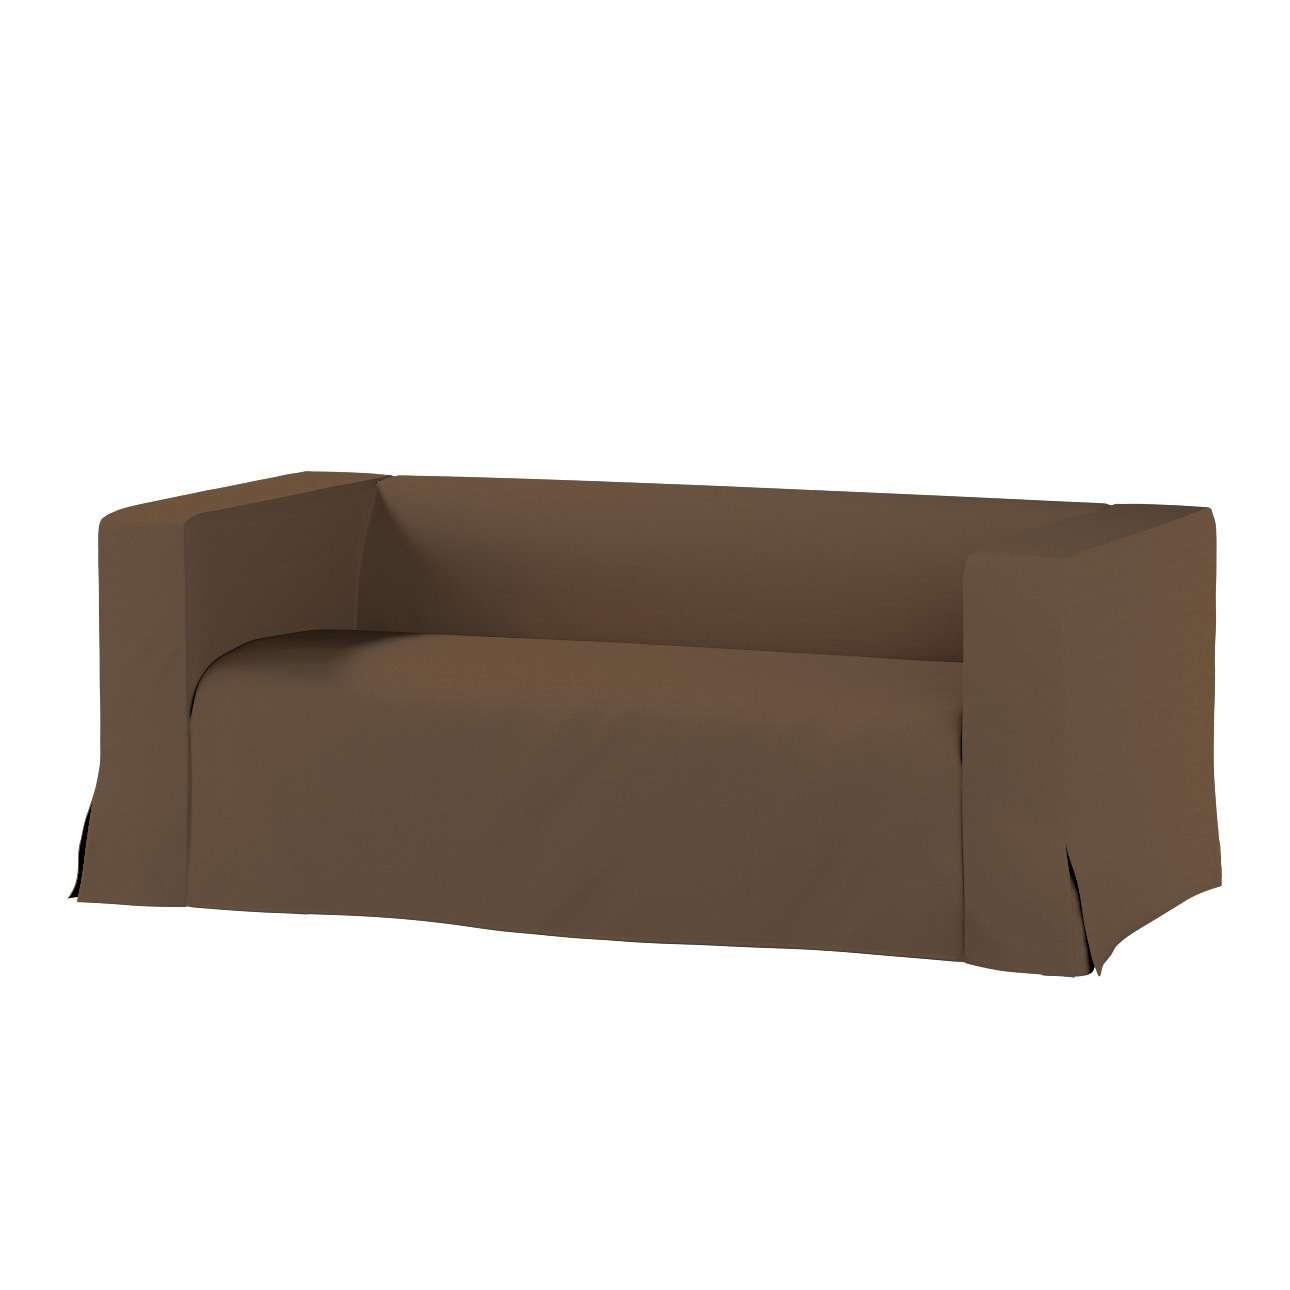 Klippan dvivietės sofos užvalkalas (ilgas, iki žemės) Klippan dvivietės sofos užvalkalas (ilgas, iki žemės) kolekcijoje Cotton Panama, audinys: 702-02